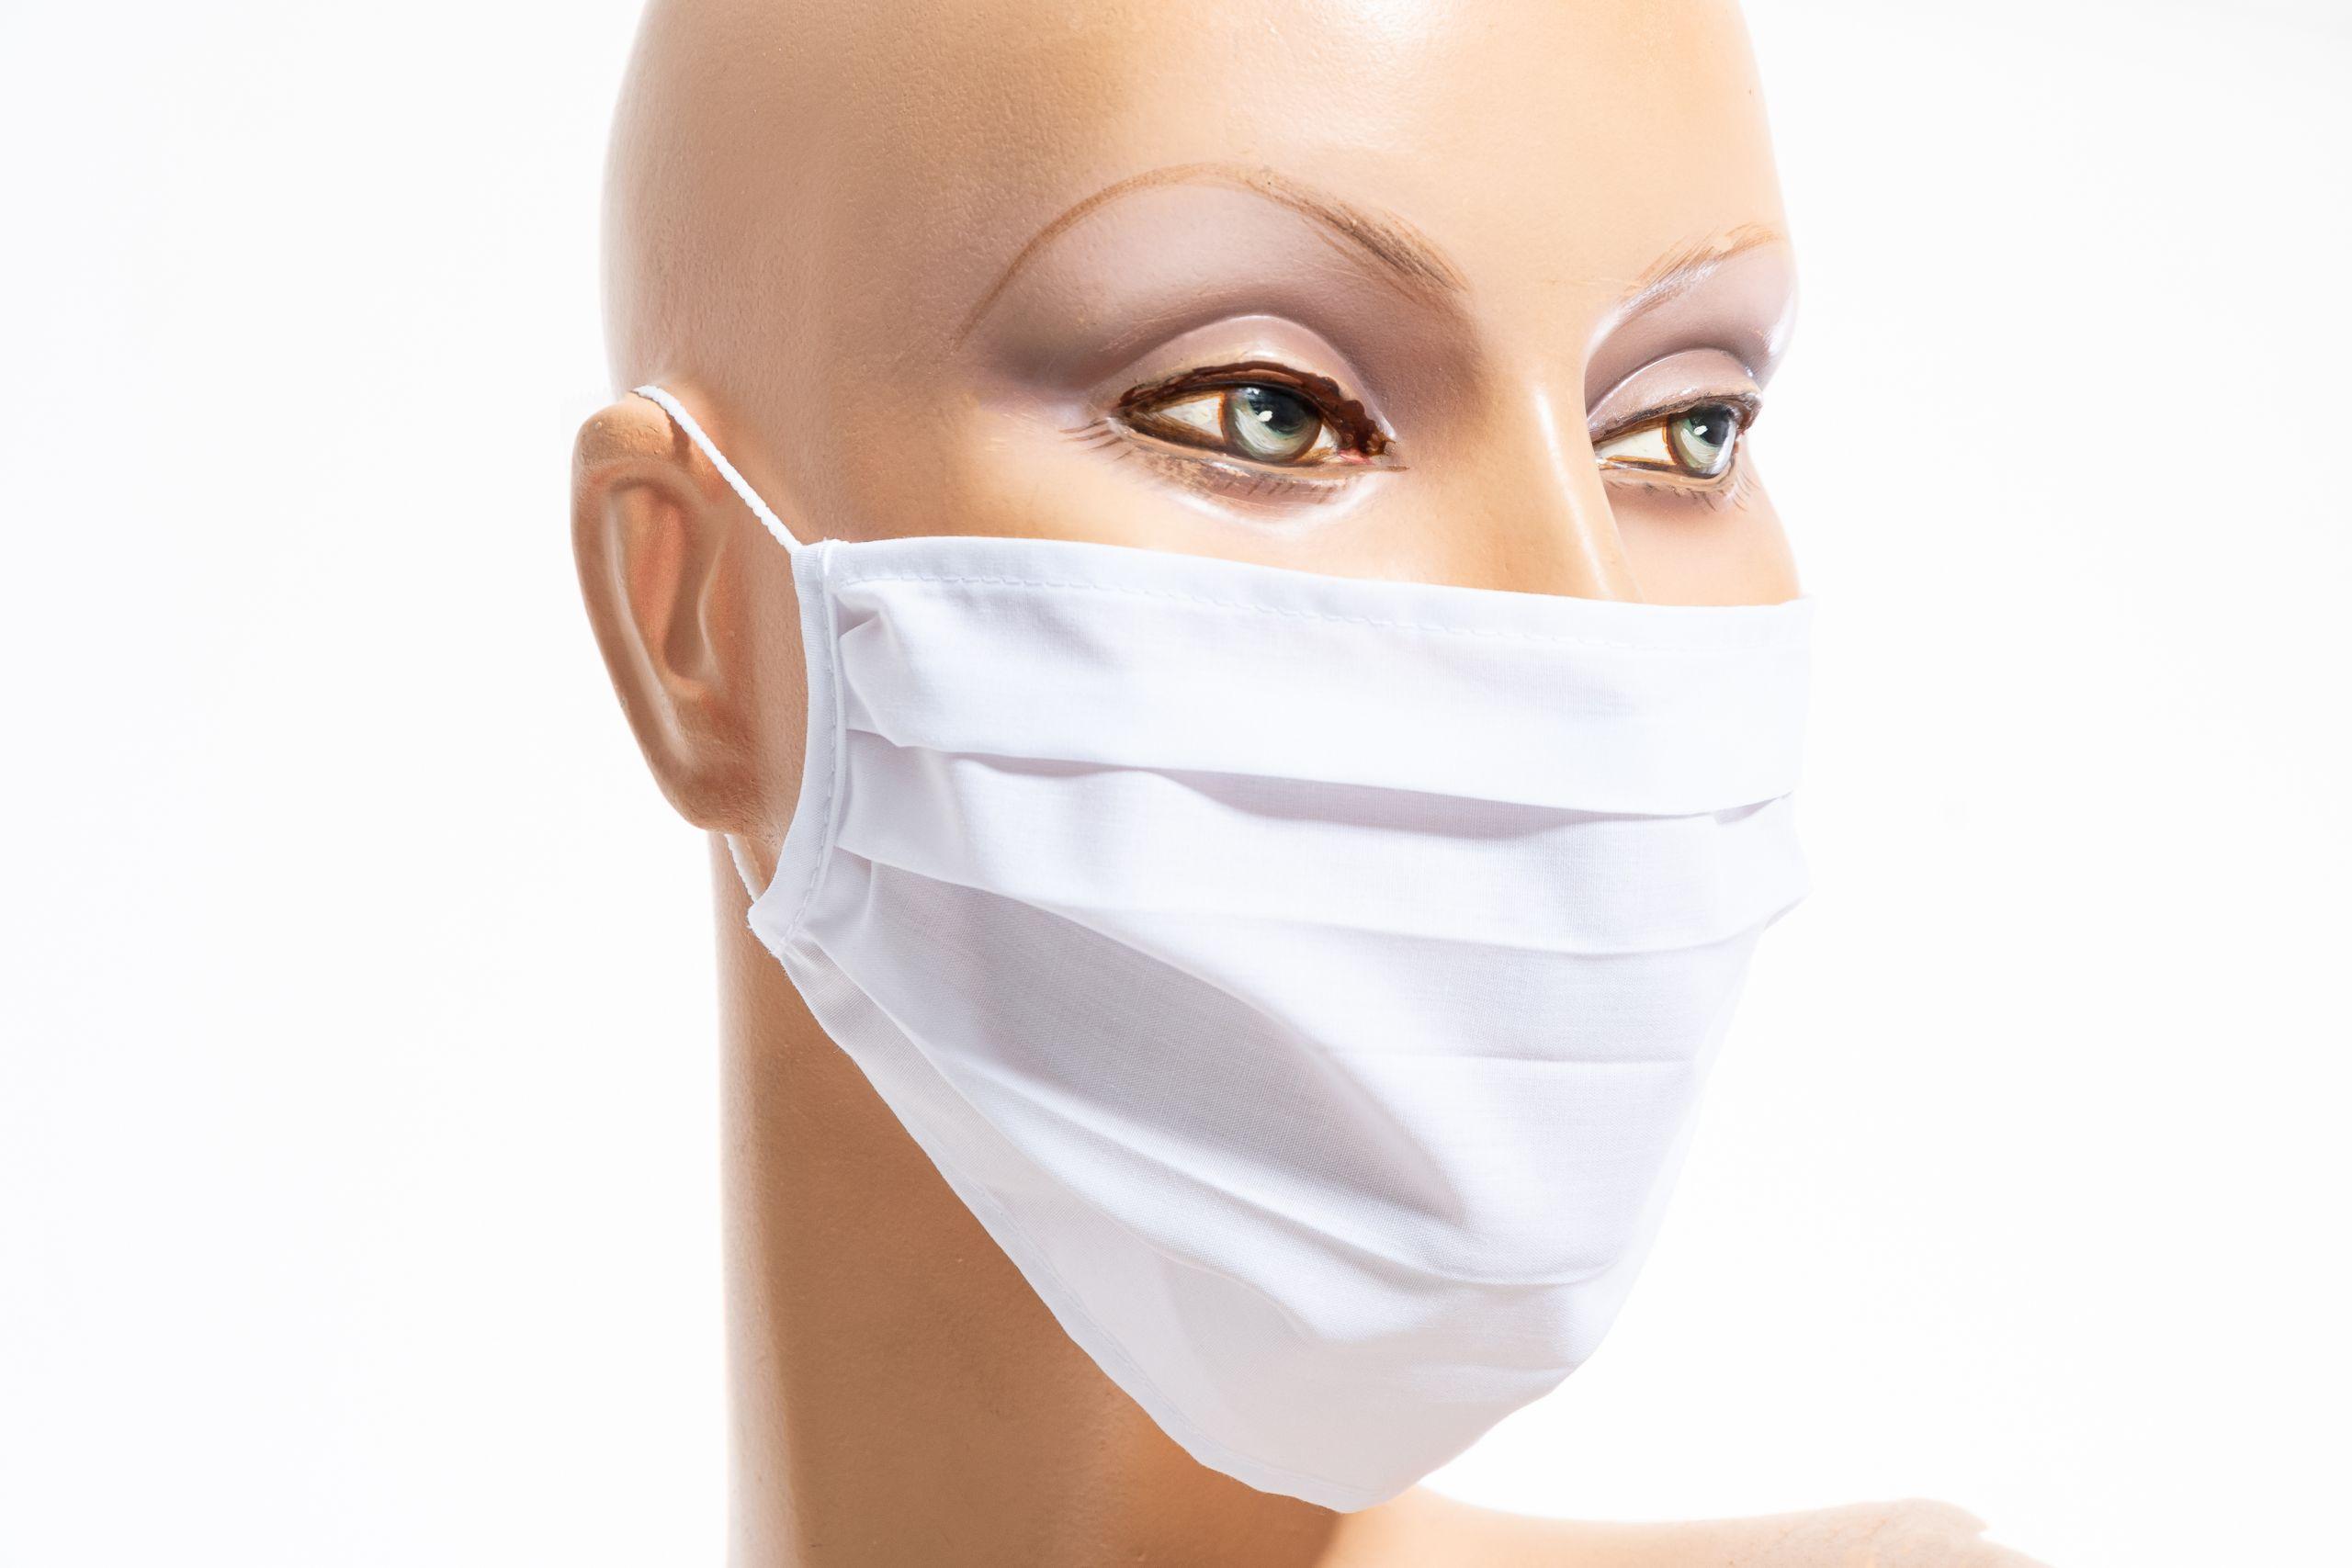 Frau mit weisser Maske rechte Seite Balder Care (c) Markus Flicker